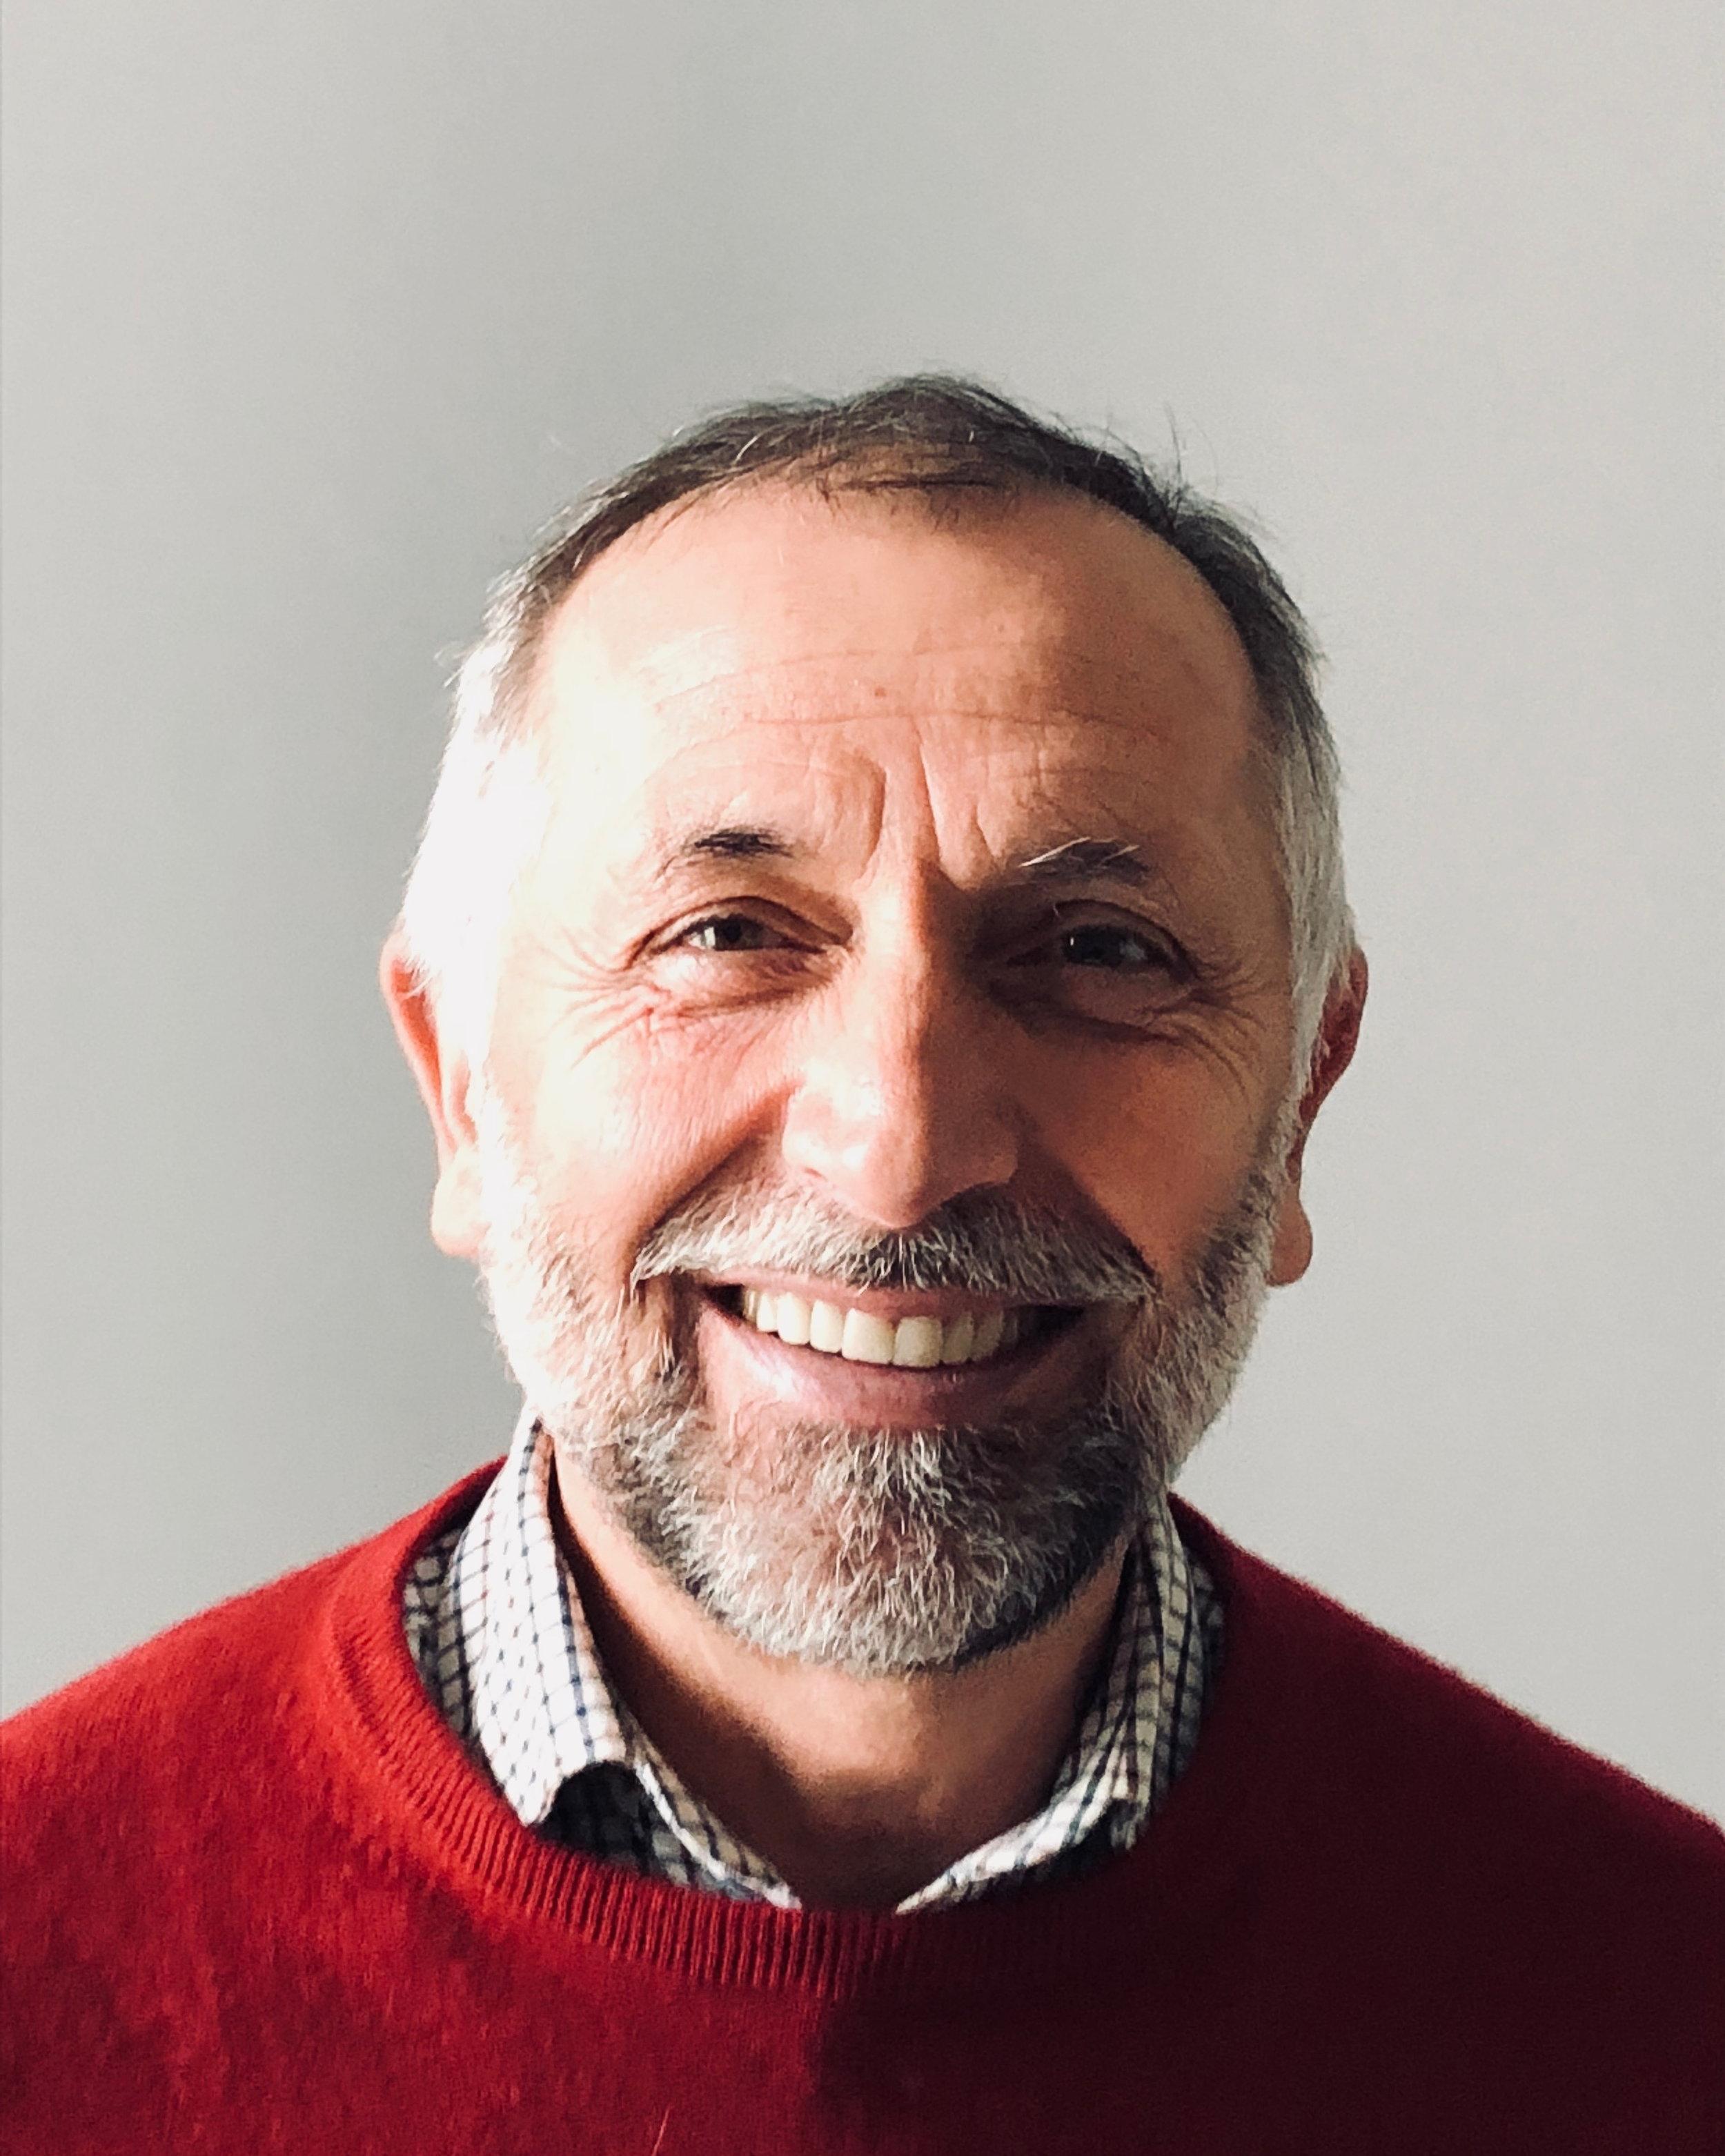 Greg Hateley